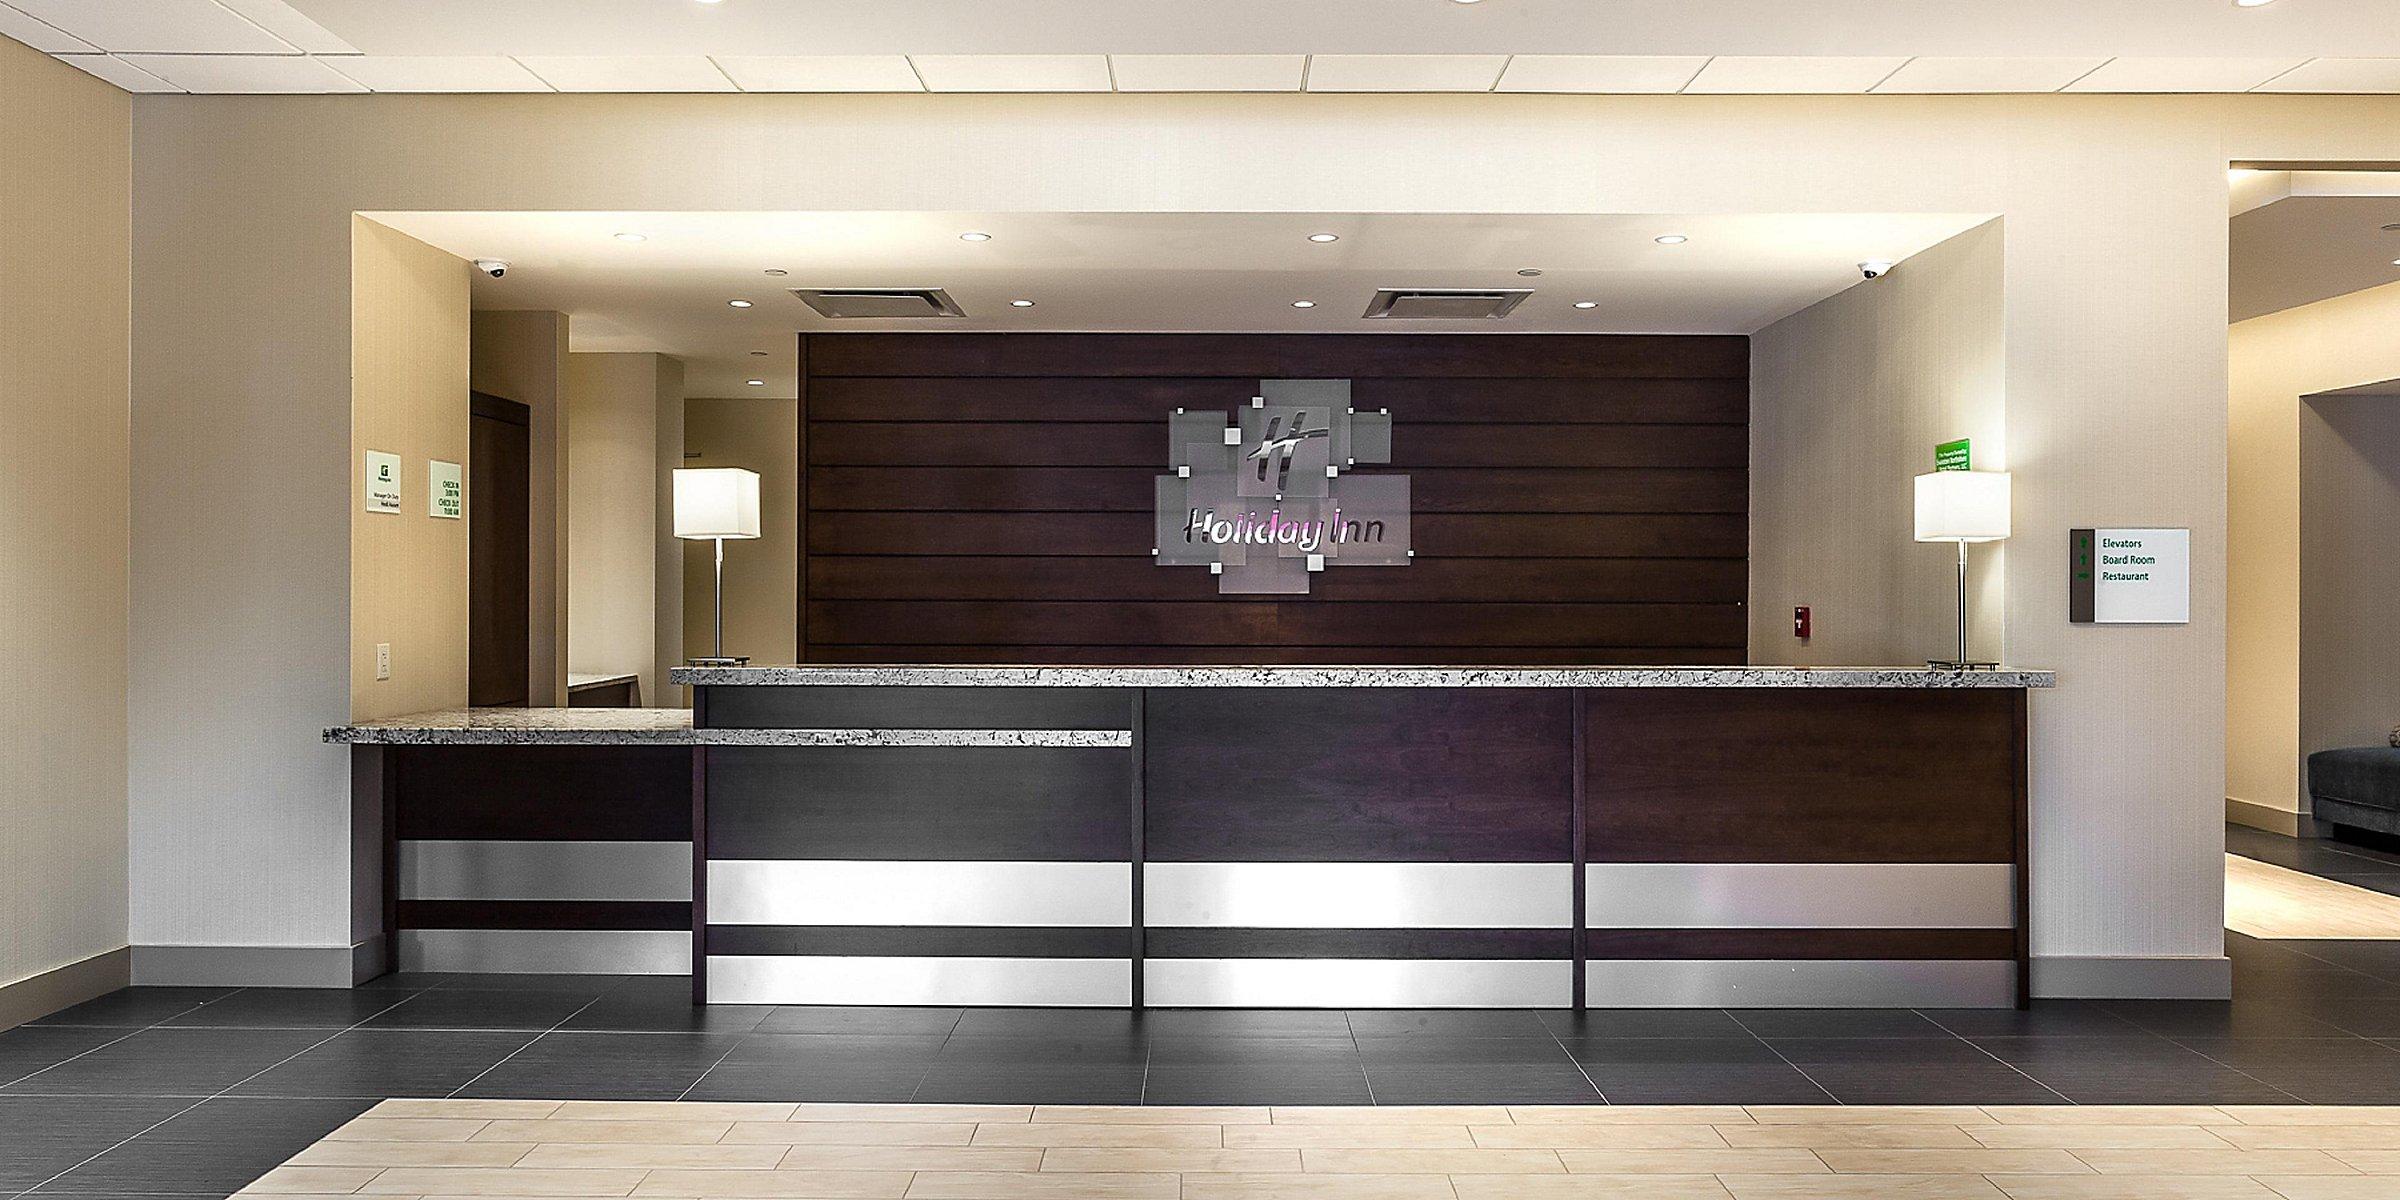 Evanston Hotels By Northwestern University Holiday Inn